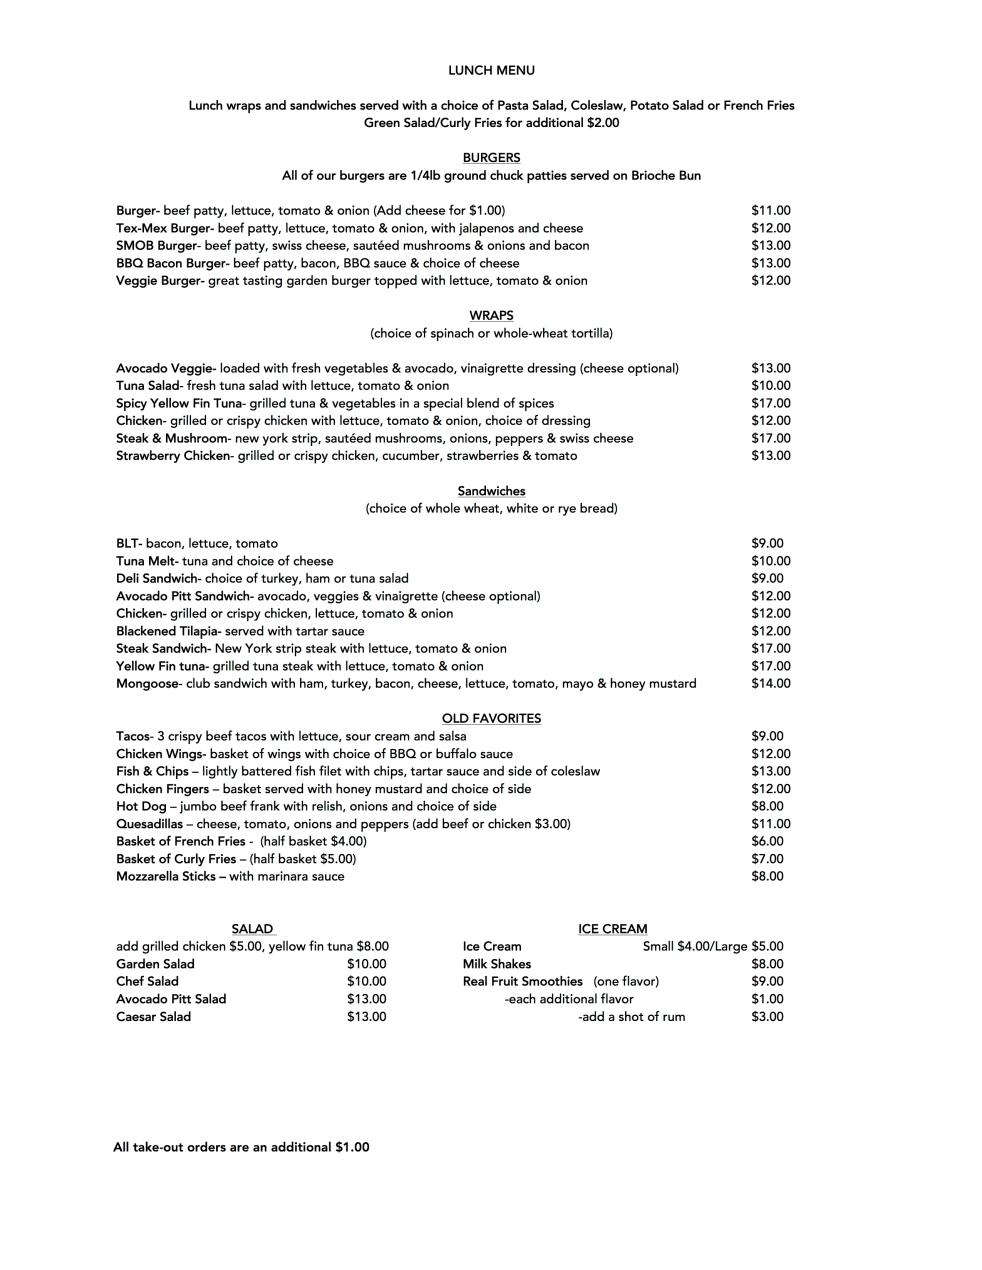 avocado-pitt-lunch-menu